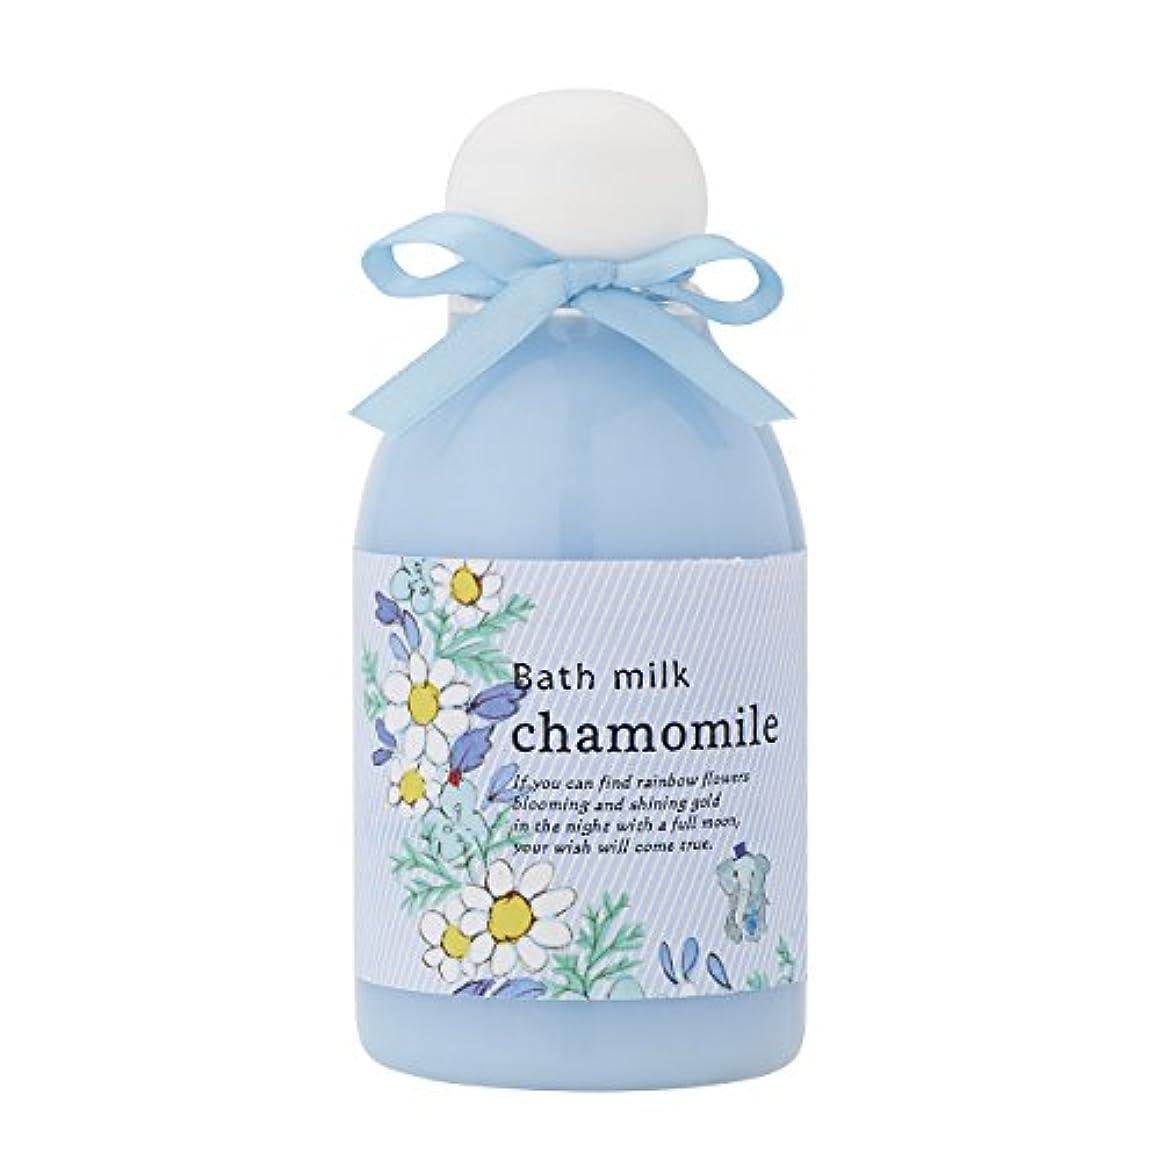 世界戸棚時計サンハーブ バスミルク カモマイル 200ml(バブルバスタイプ入浴料 泡風呂 やさしく穏やかな甘い香り)